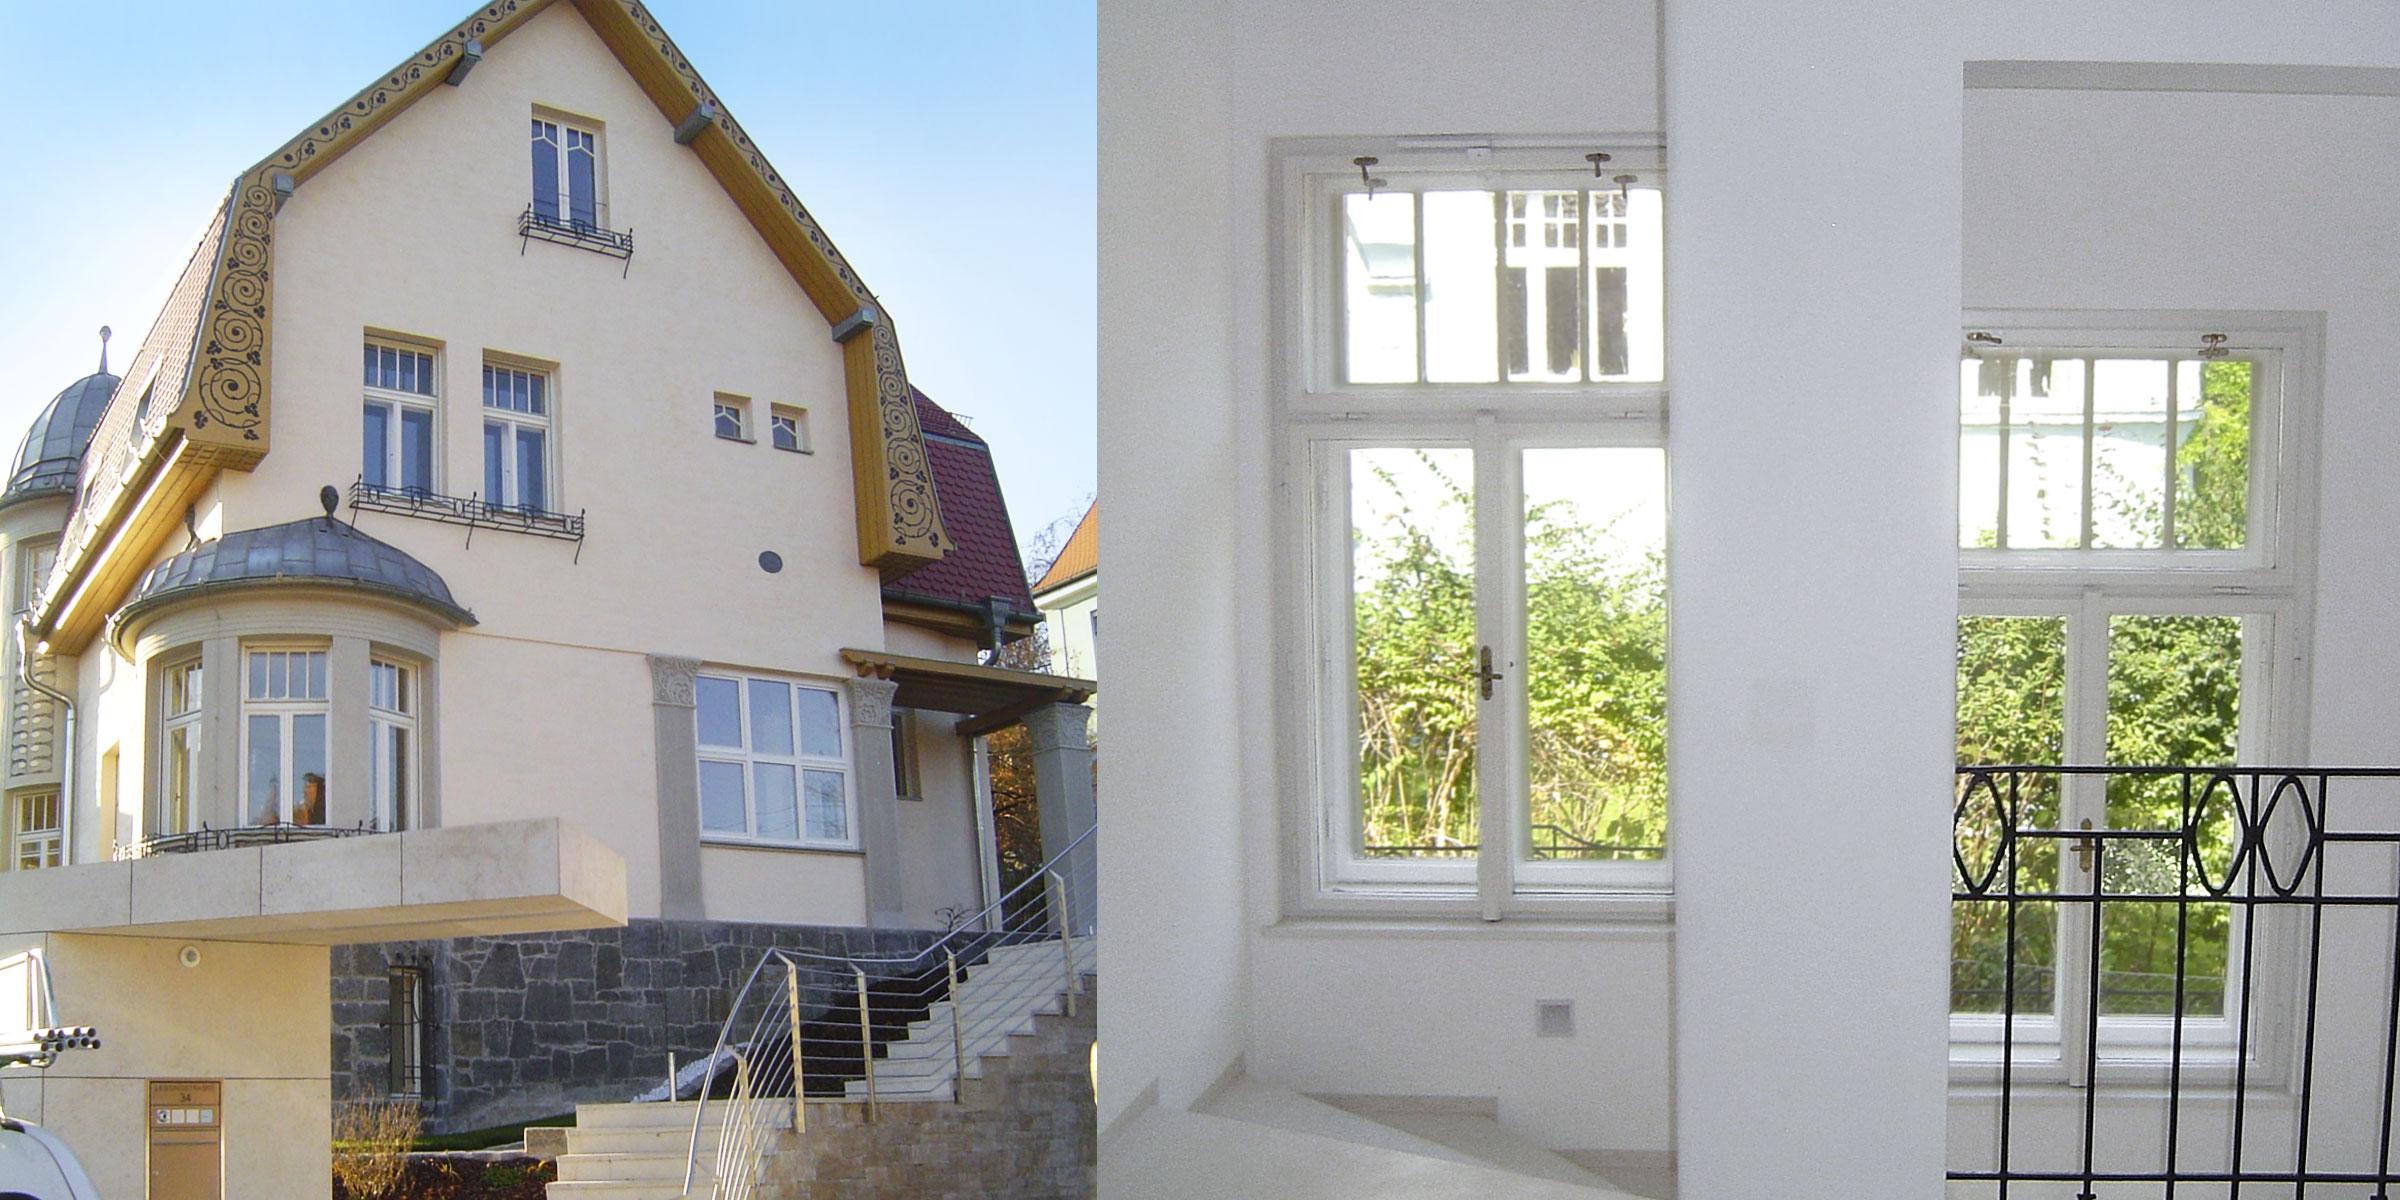 wohnhaus kastenfenster weiss sonderlösung denkmalschutz Tischler Hans Hummer Feldkirchen an der Donau